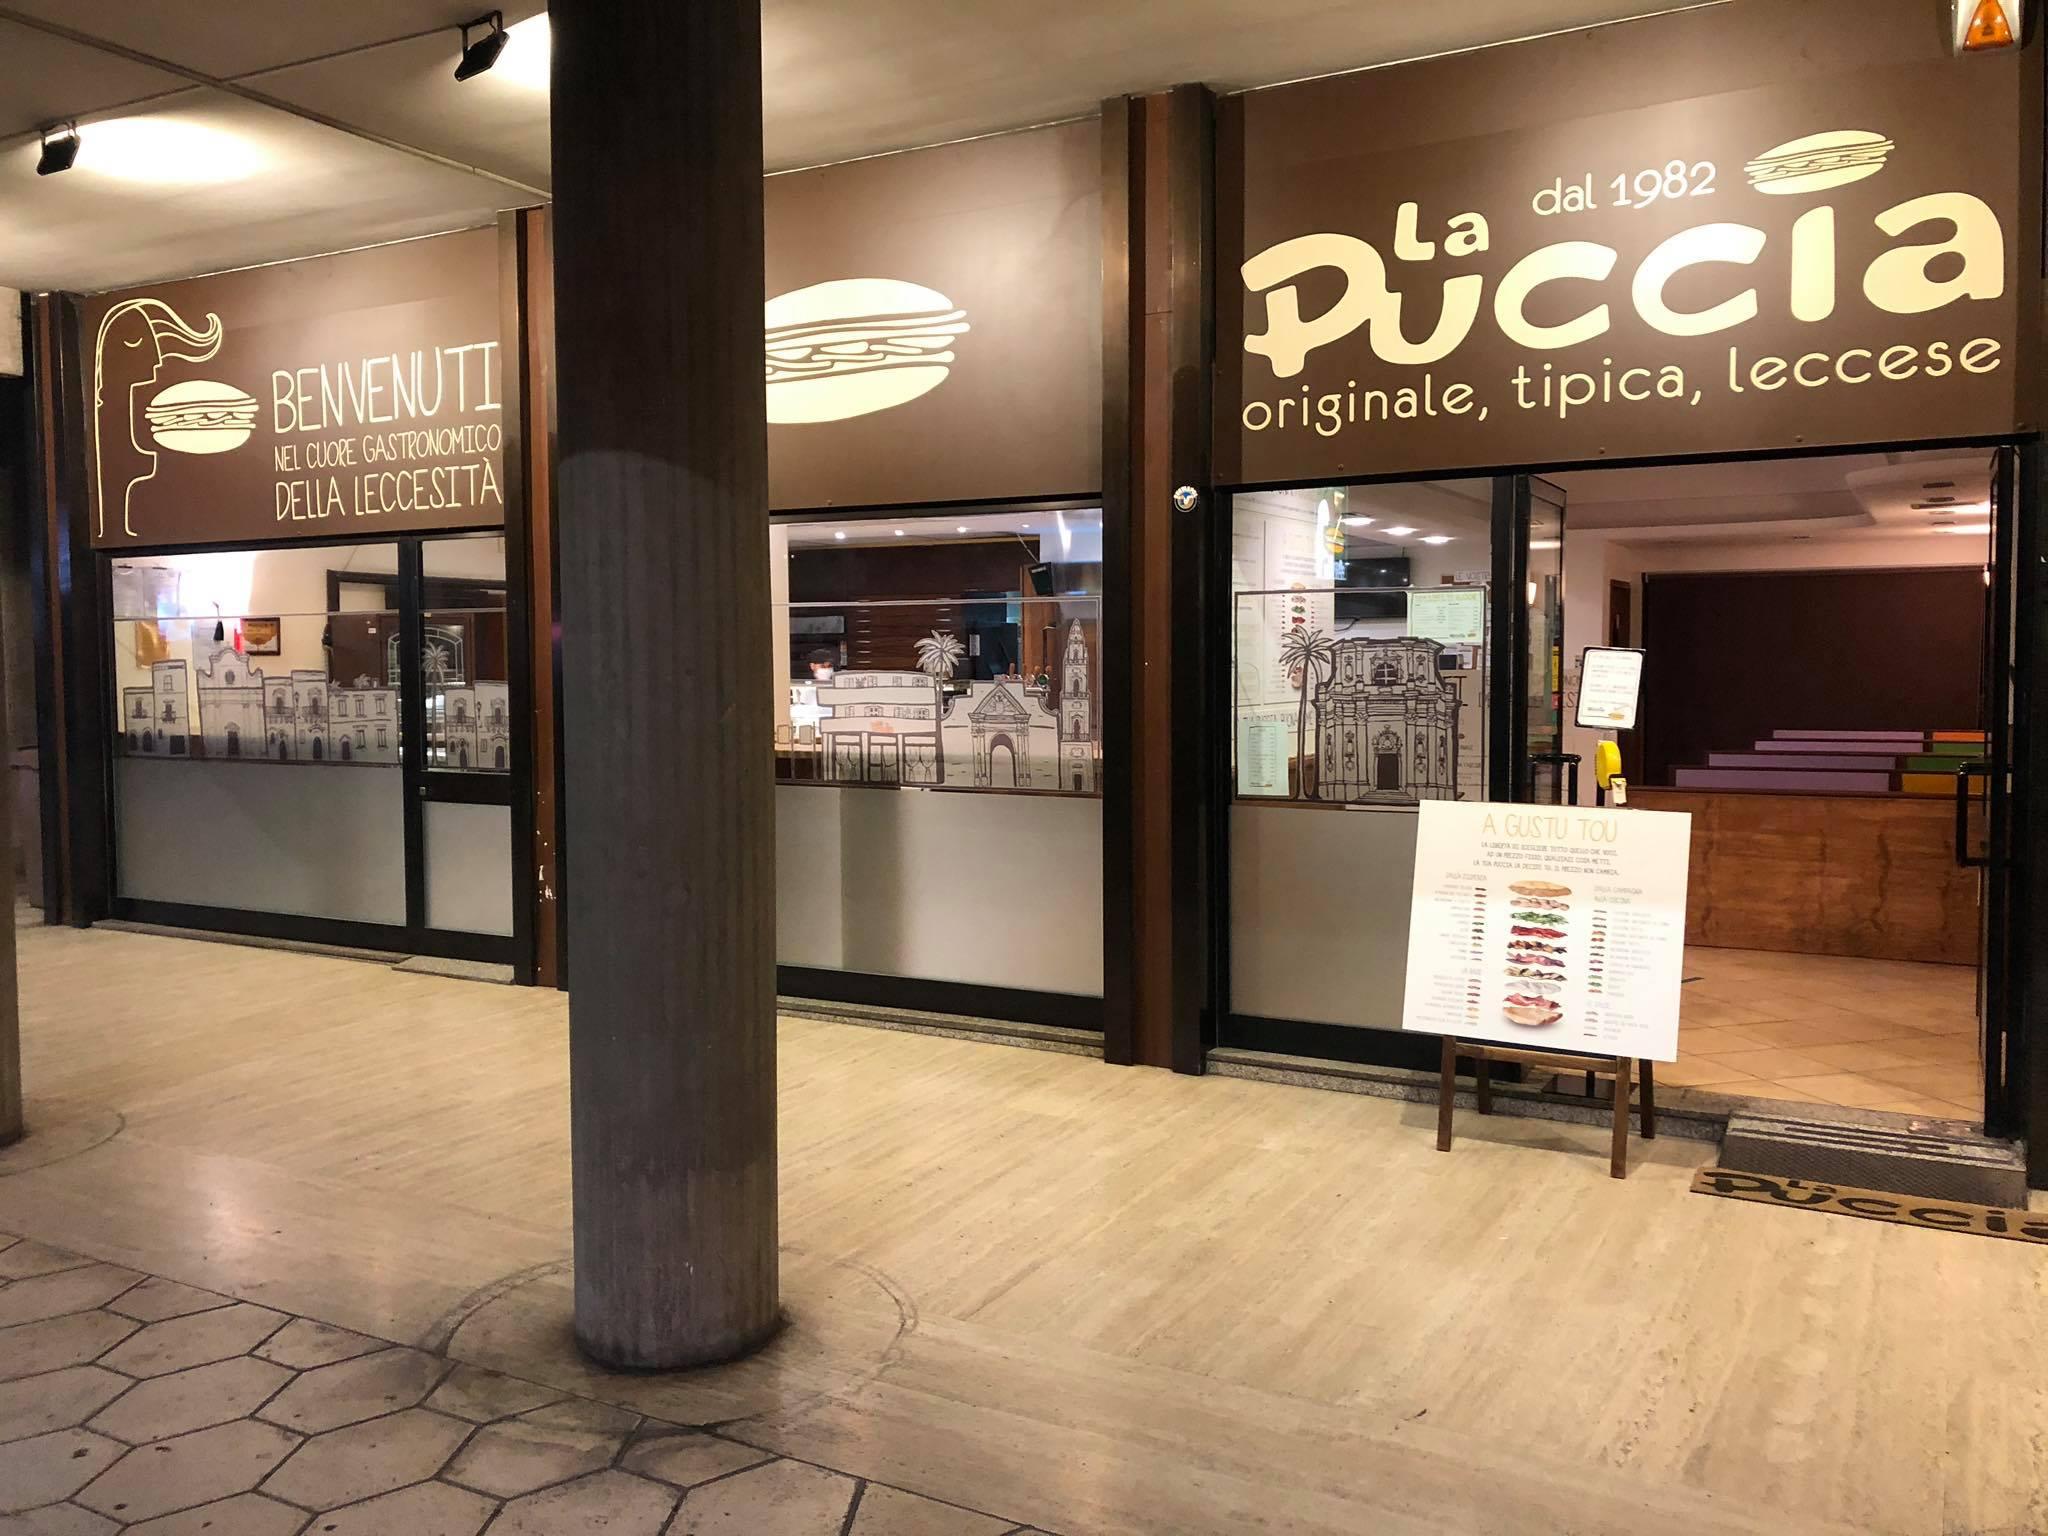 La Puccia - Delivery by Zemove